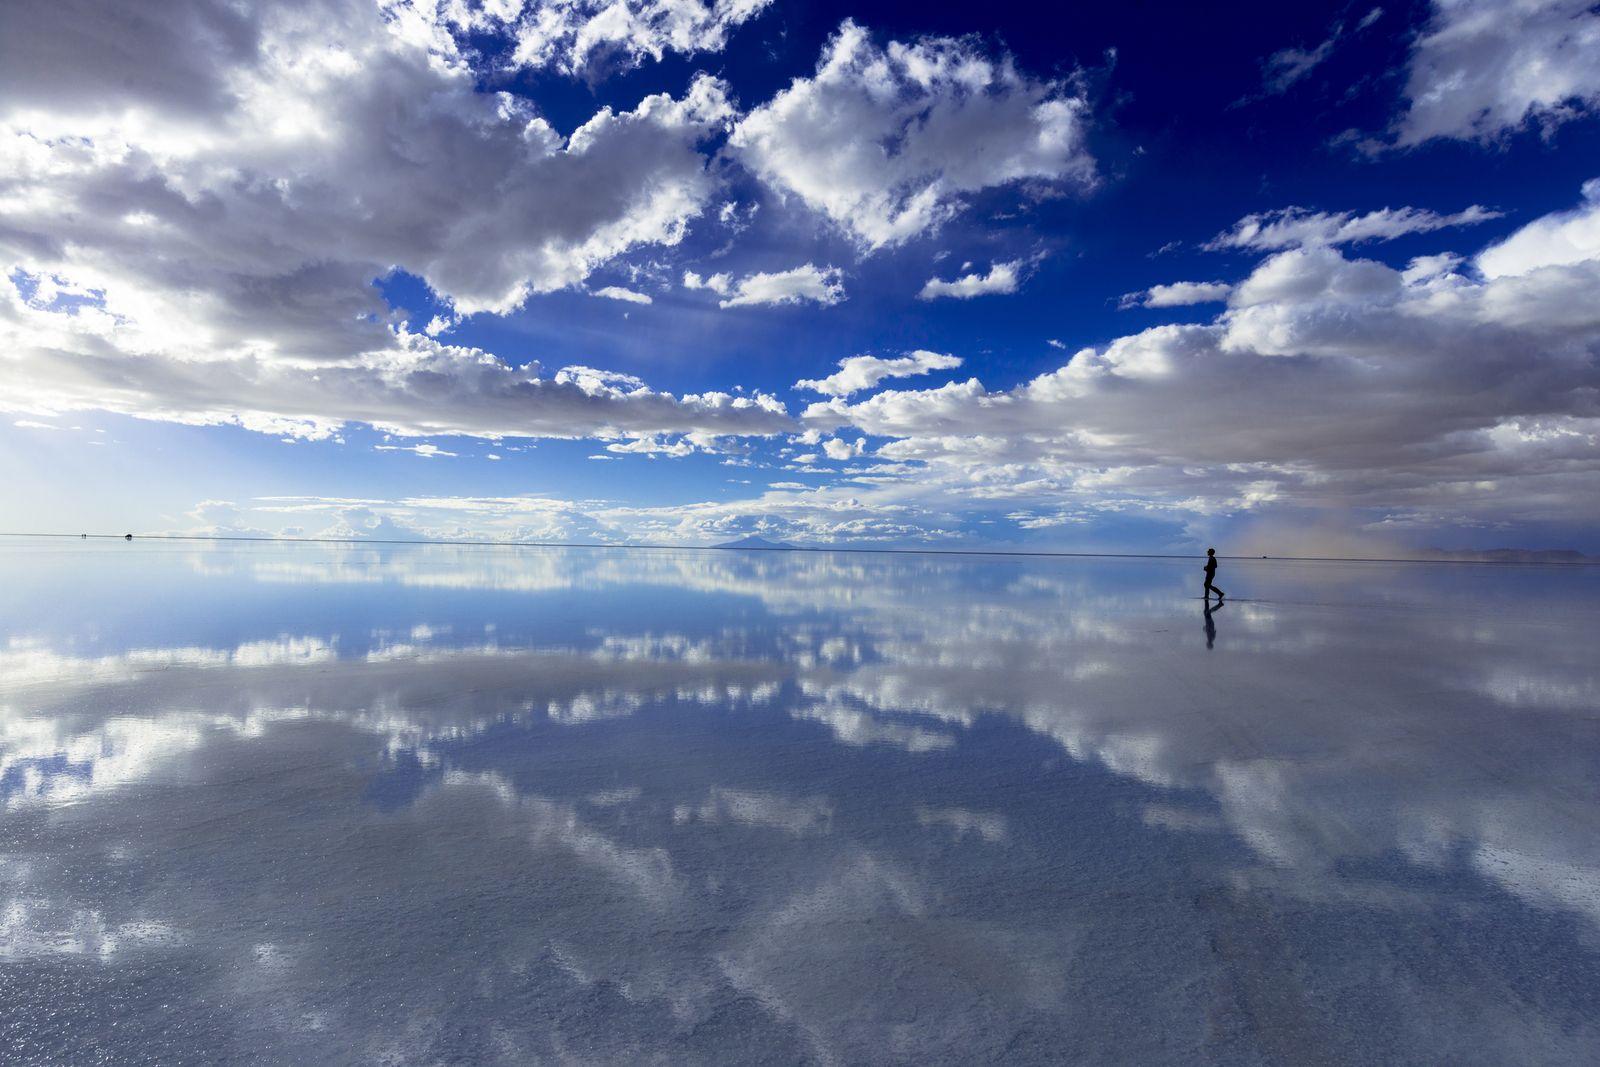 忘れられない旅をしよう 鏡張りの絶景 ウユニ塩湖 まとめ完全版